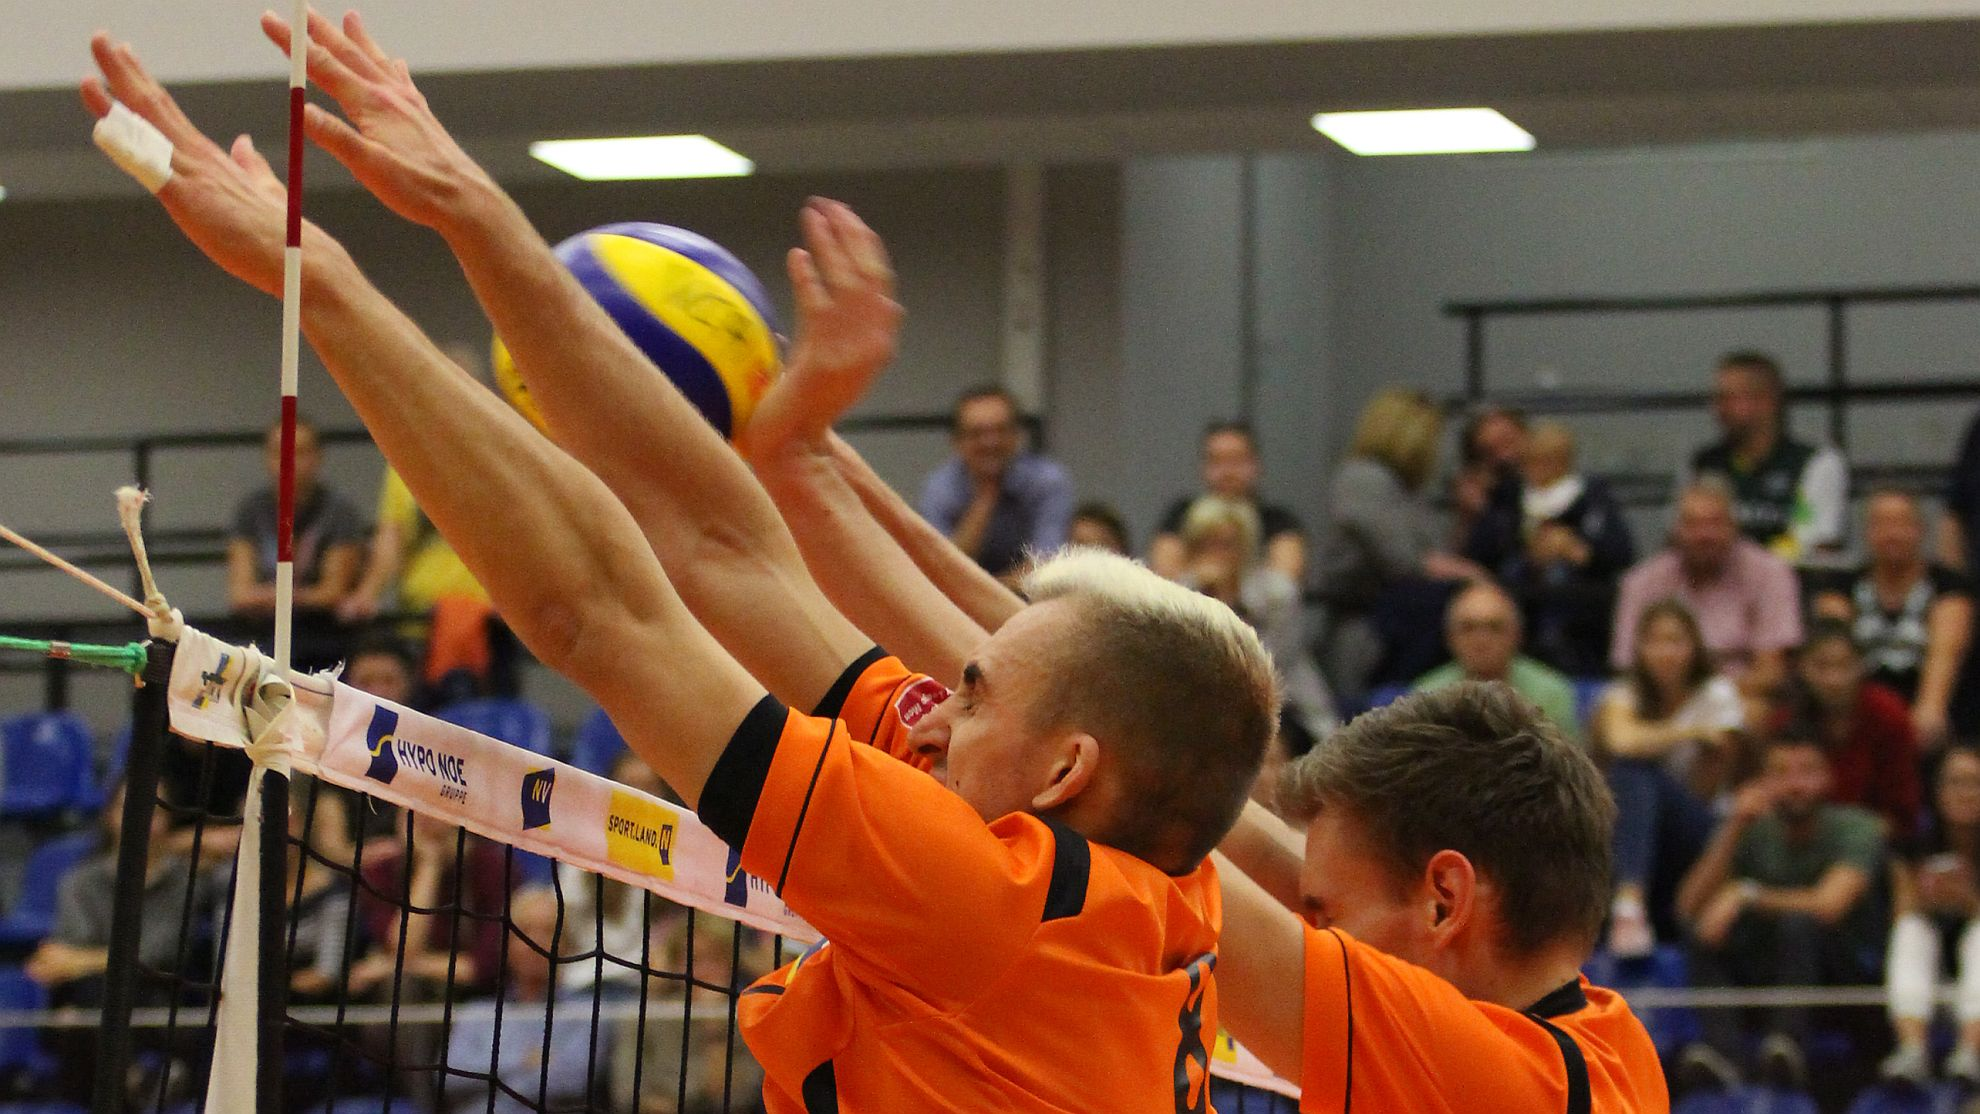 SG VCA Amstetten NÖ - FOTO © Peter Maurer